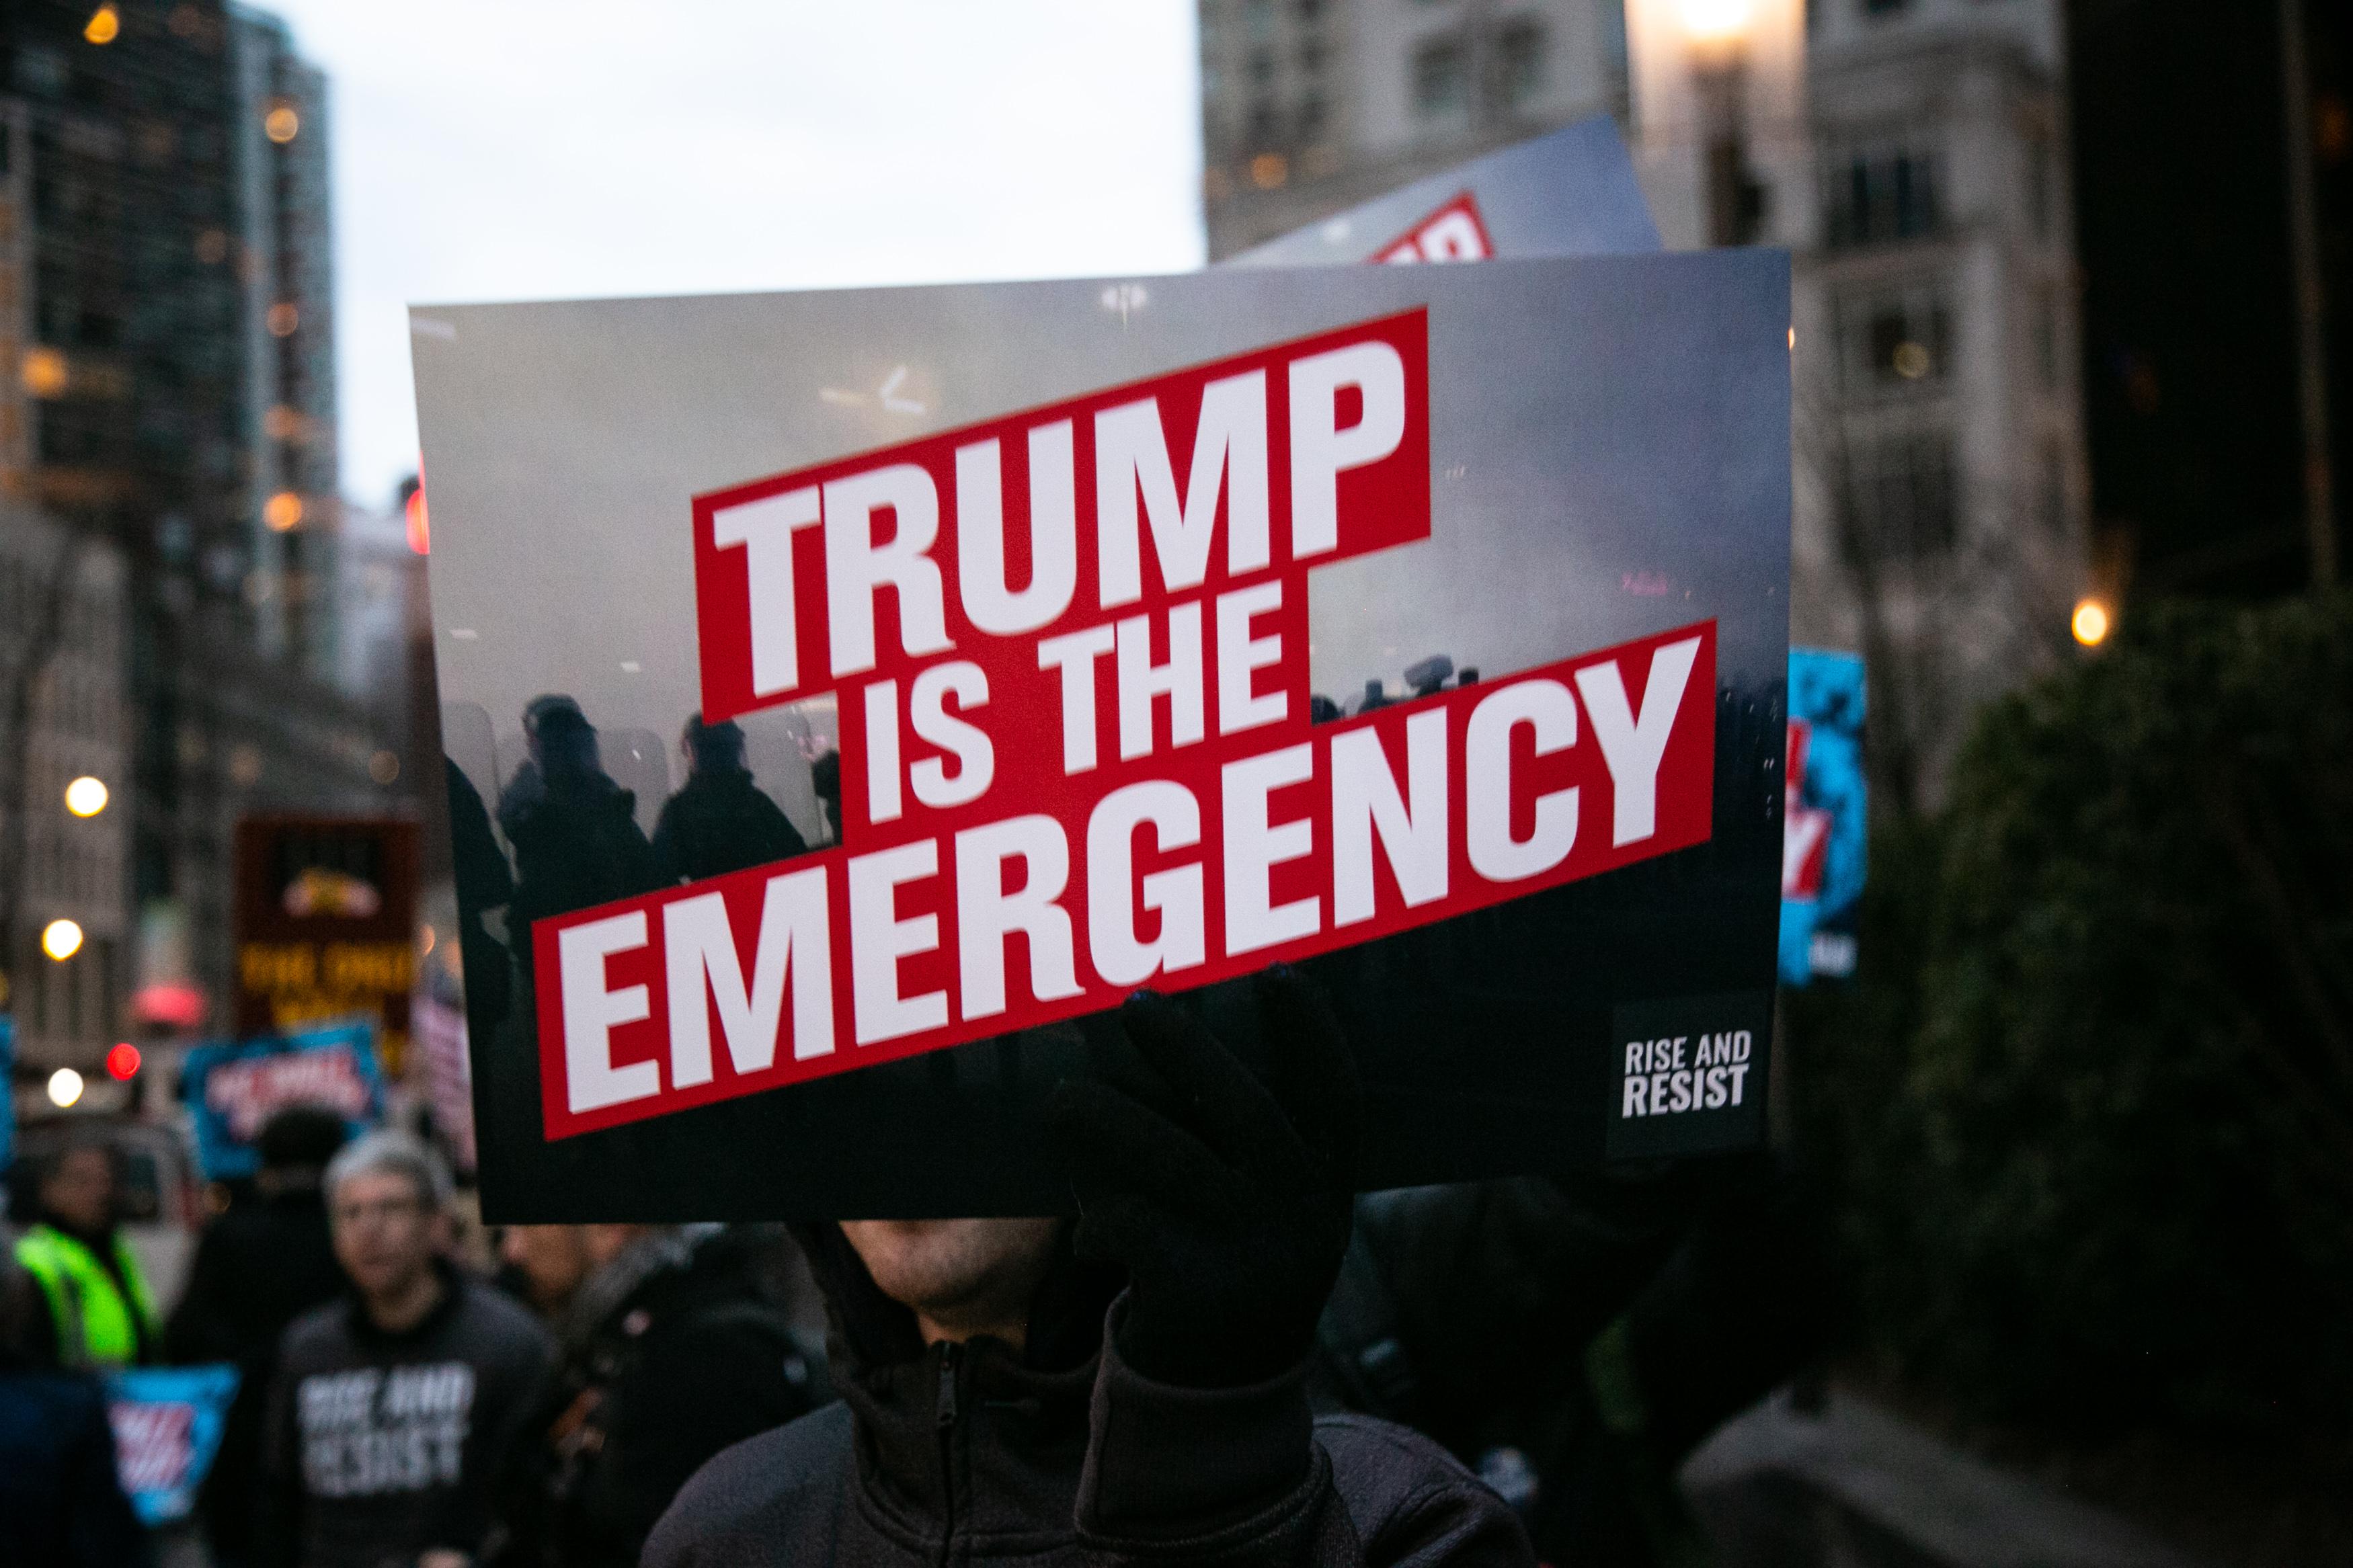 16 amerikai állam beperelte Trumpot a rendkívüli állapot kihirdetése miatt